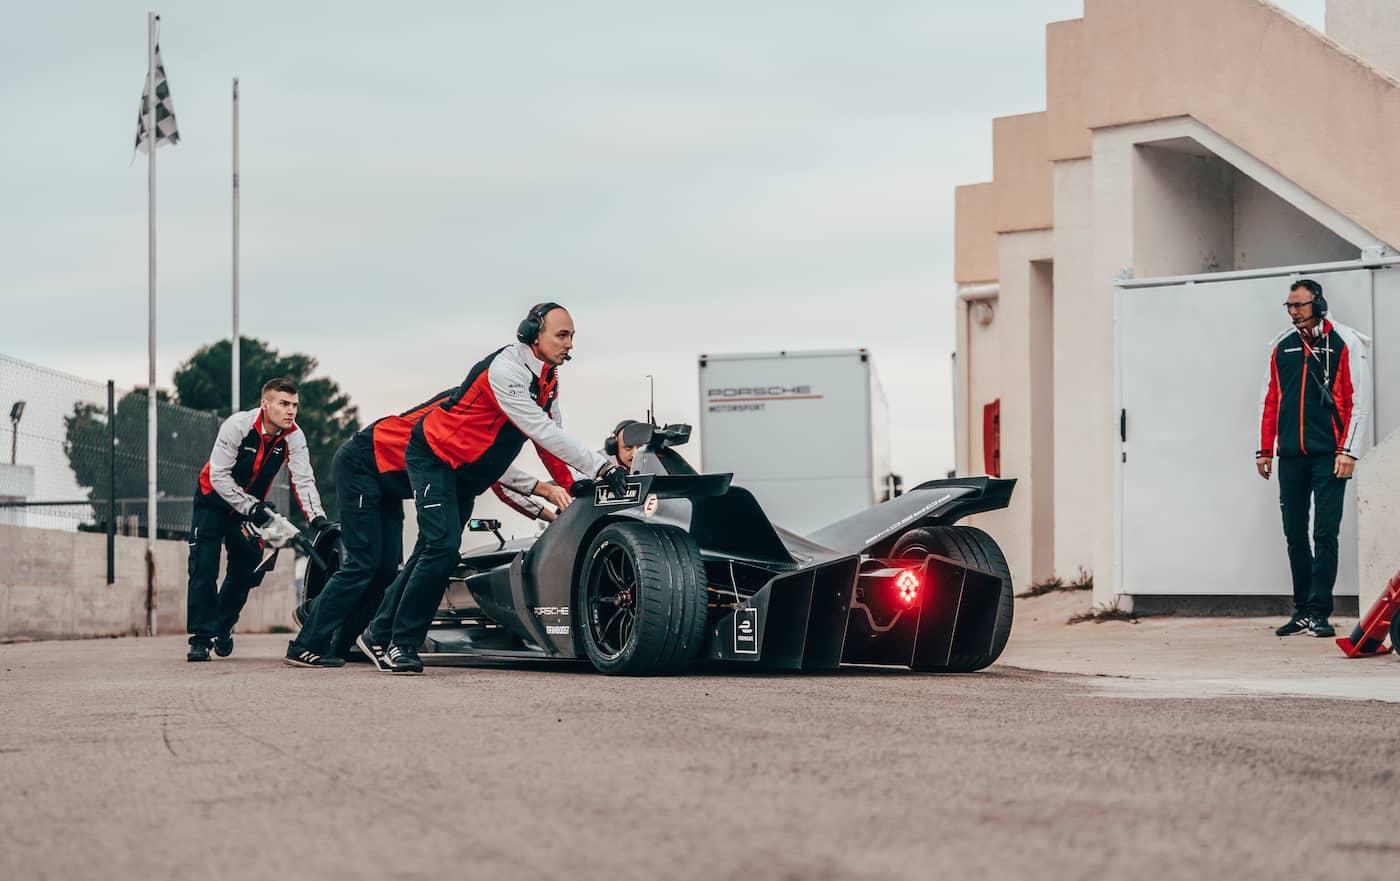 Porsche continúa su preparación de cara a la Fórmula E en España